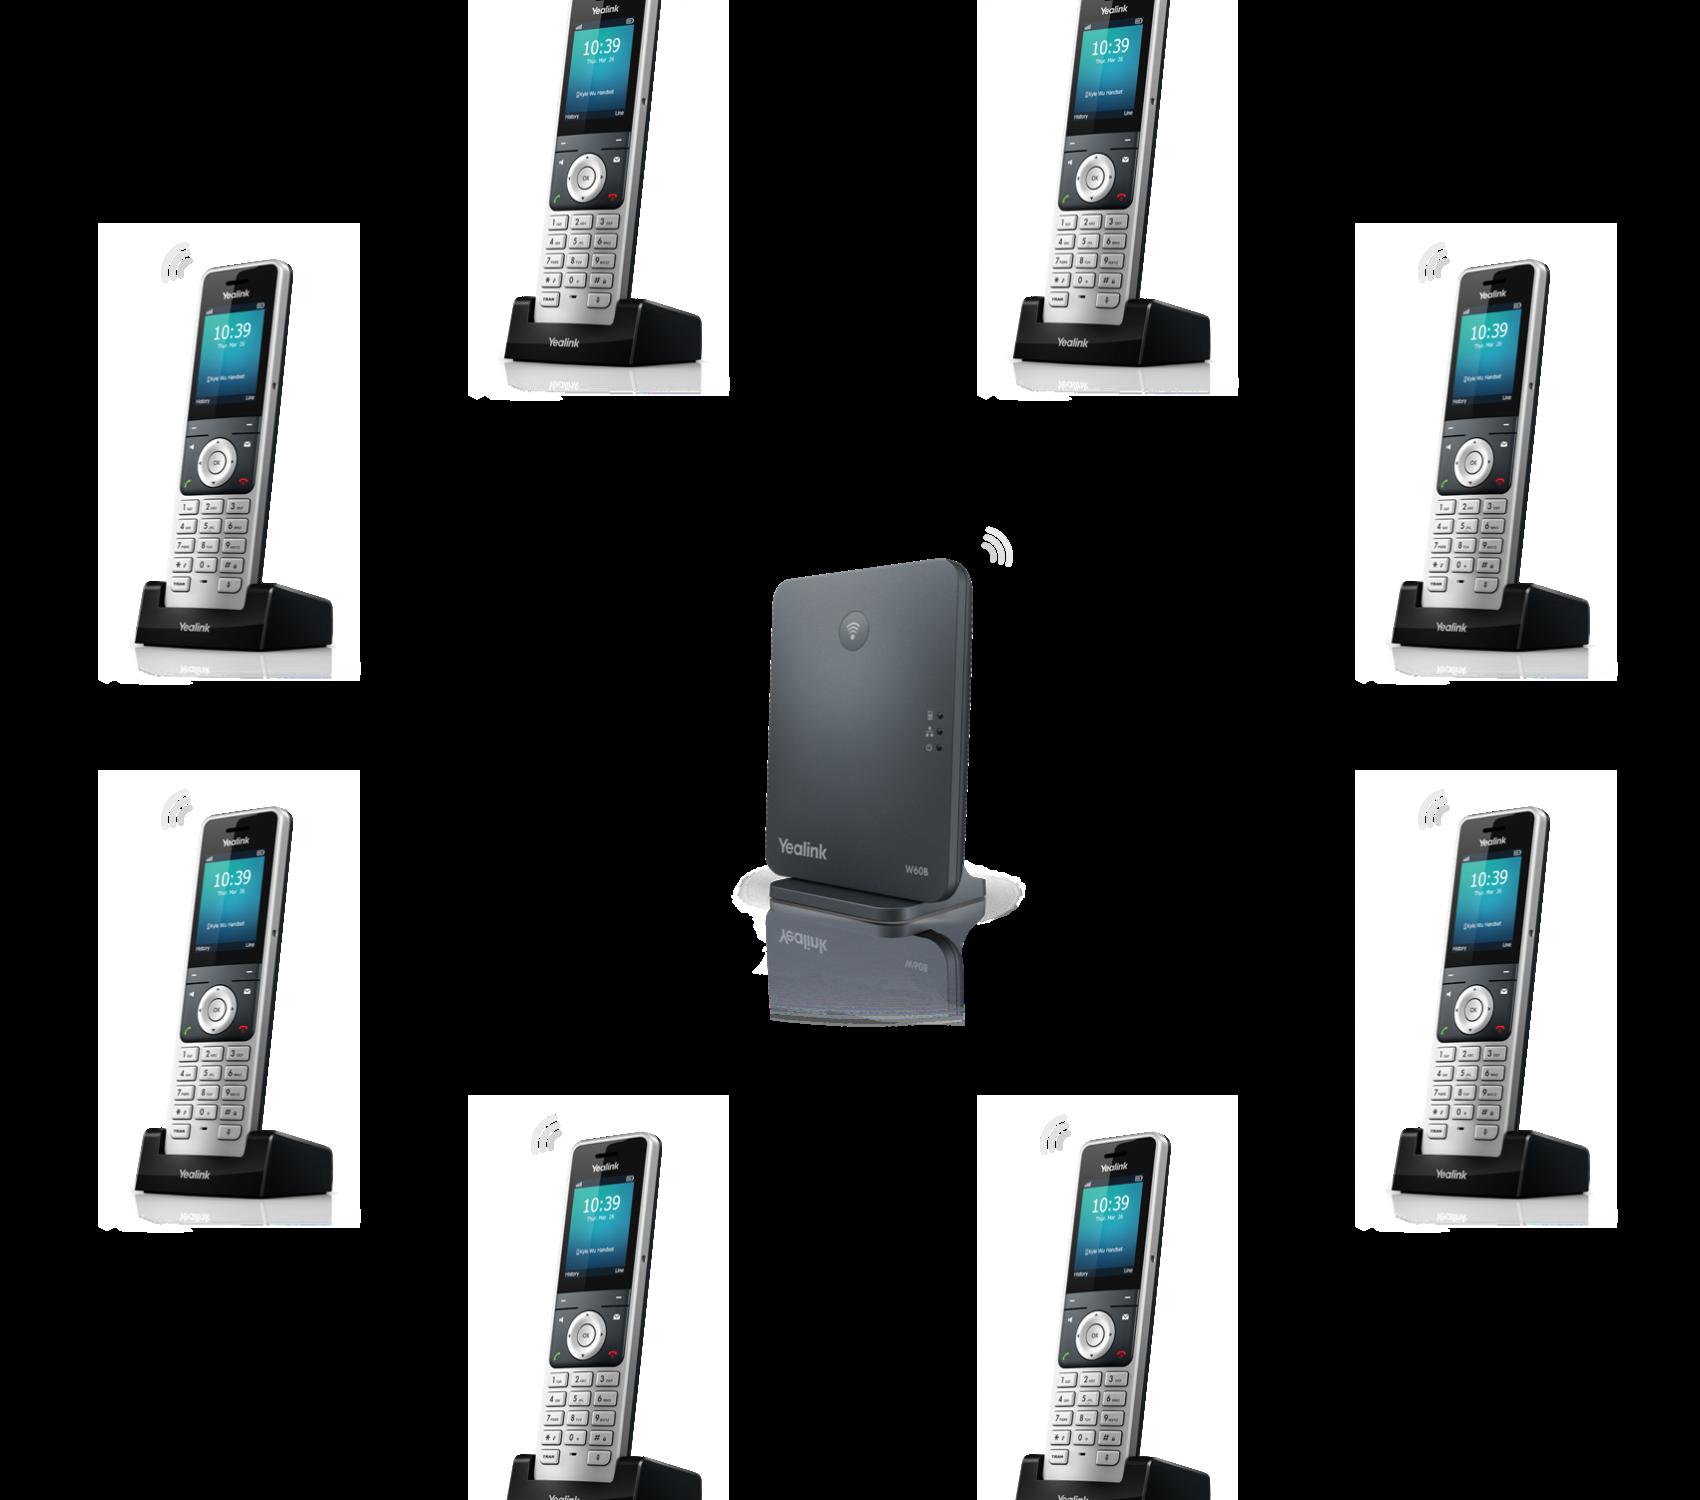 W60B-8 Handsets